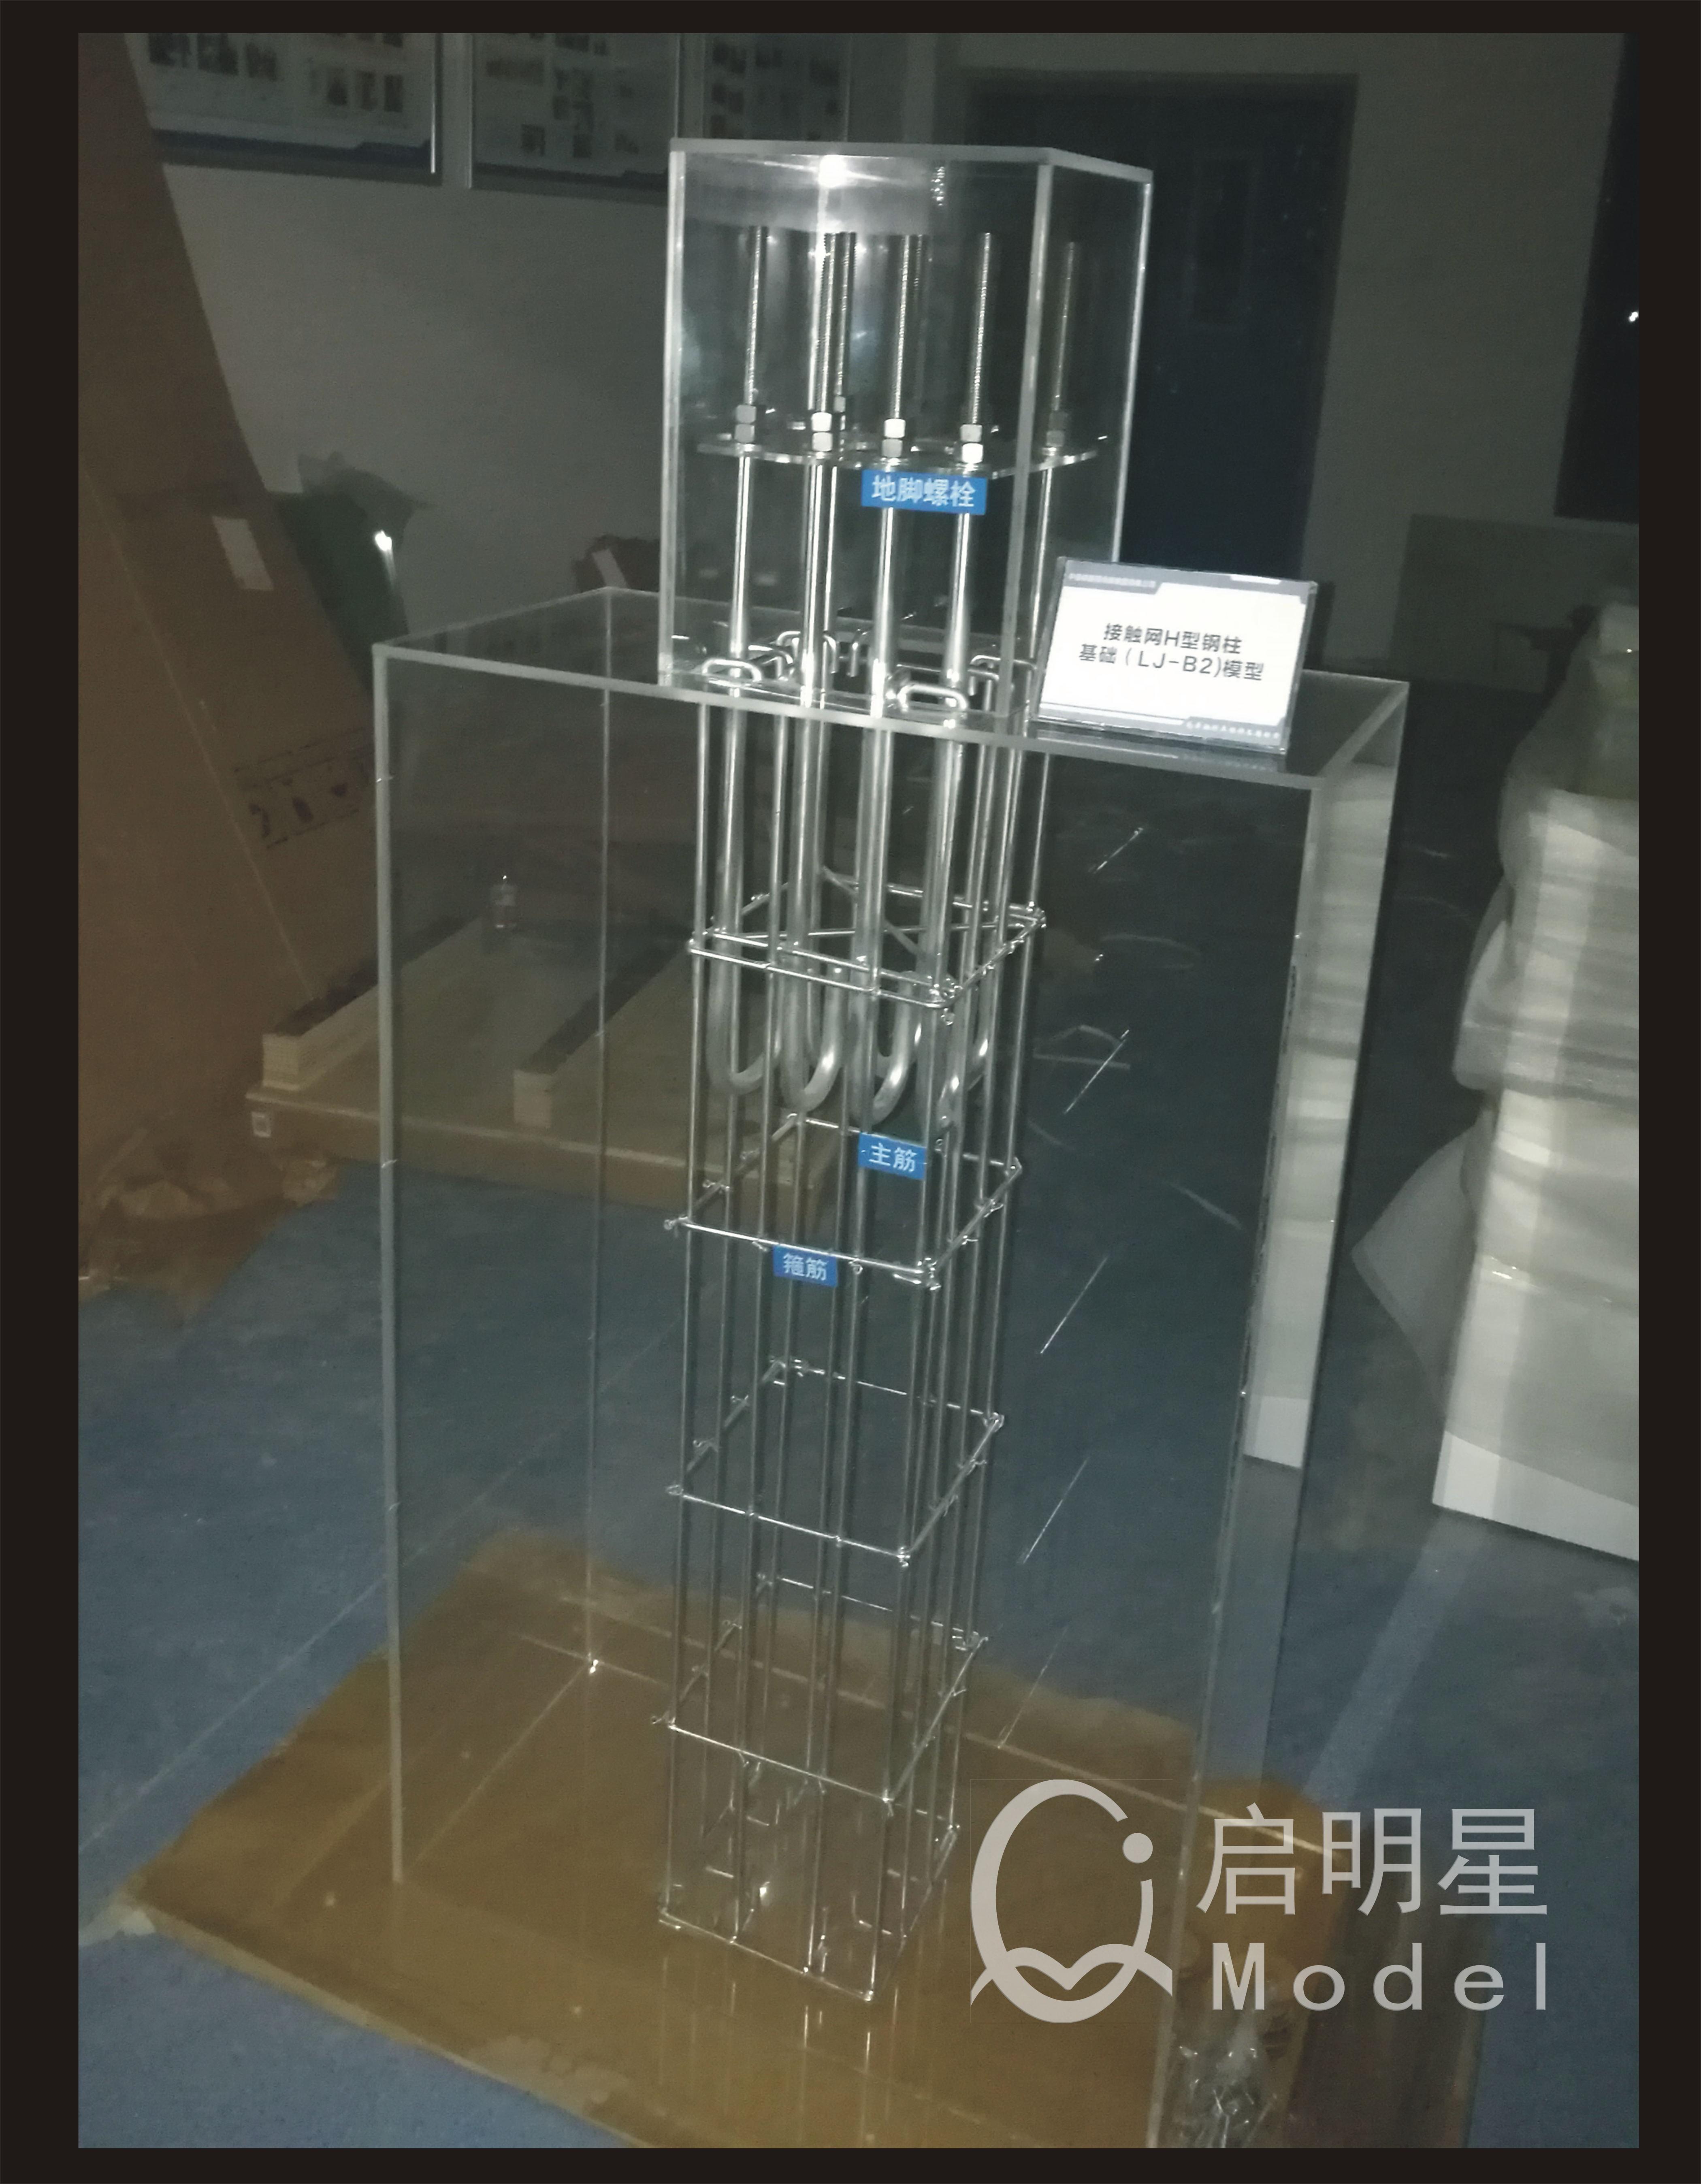 高铁接触网基础展示亚博yabo官方